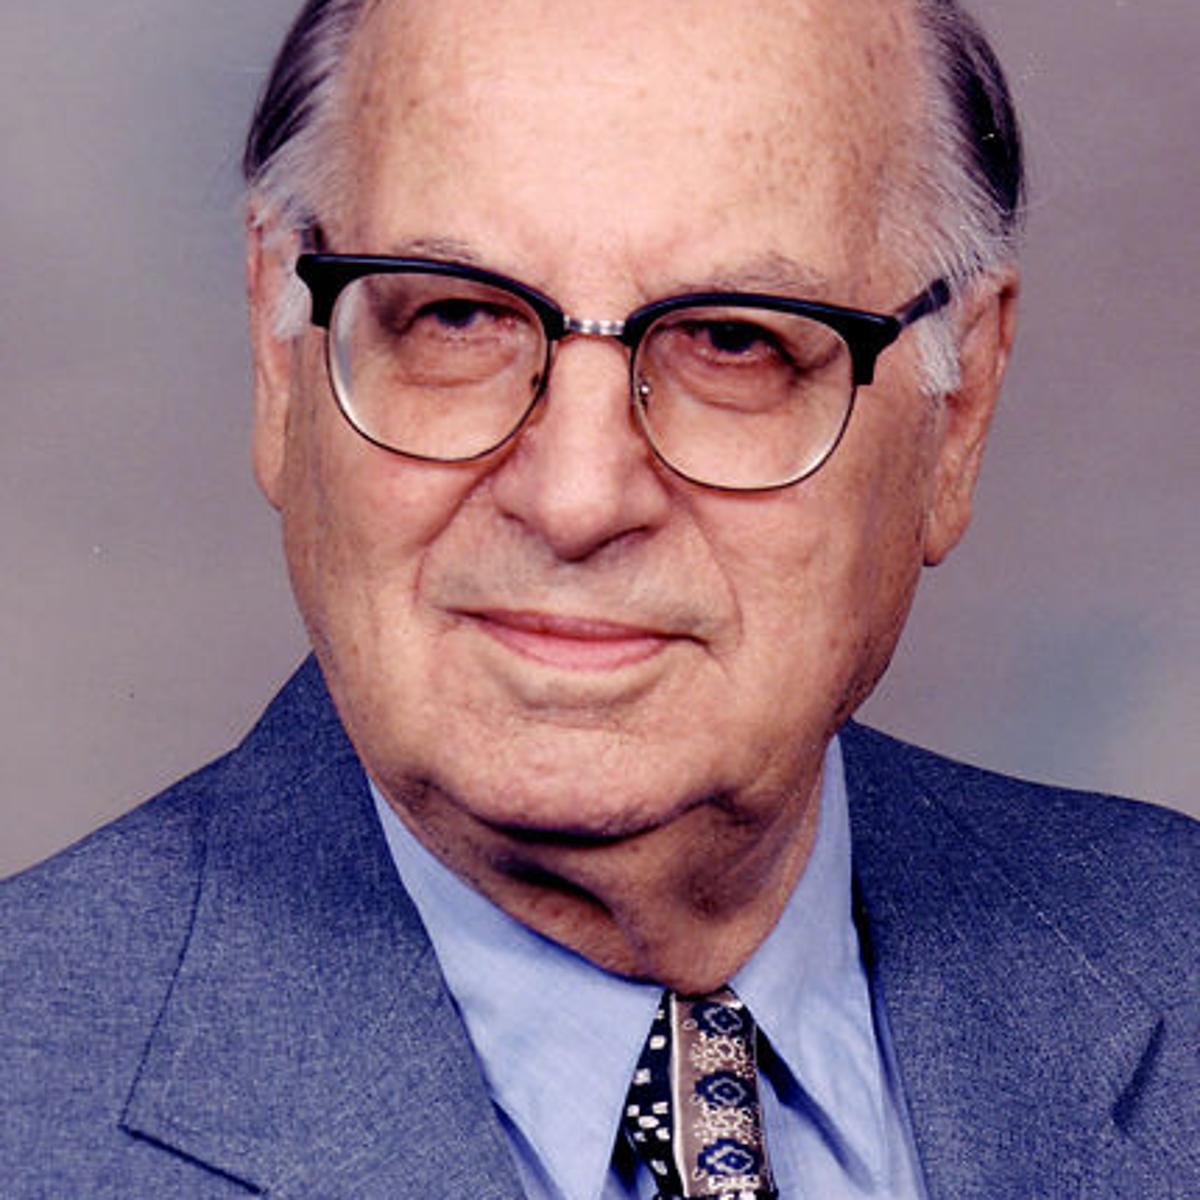 German scholar Adolf Schroeder helped Missouri residents